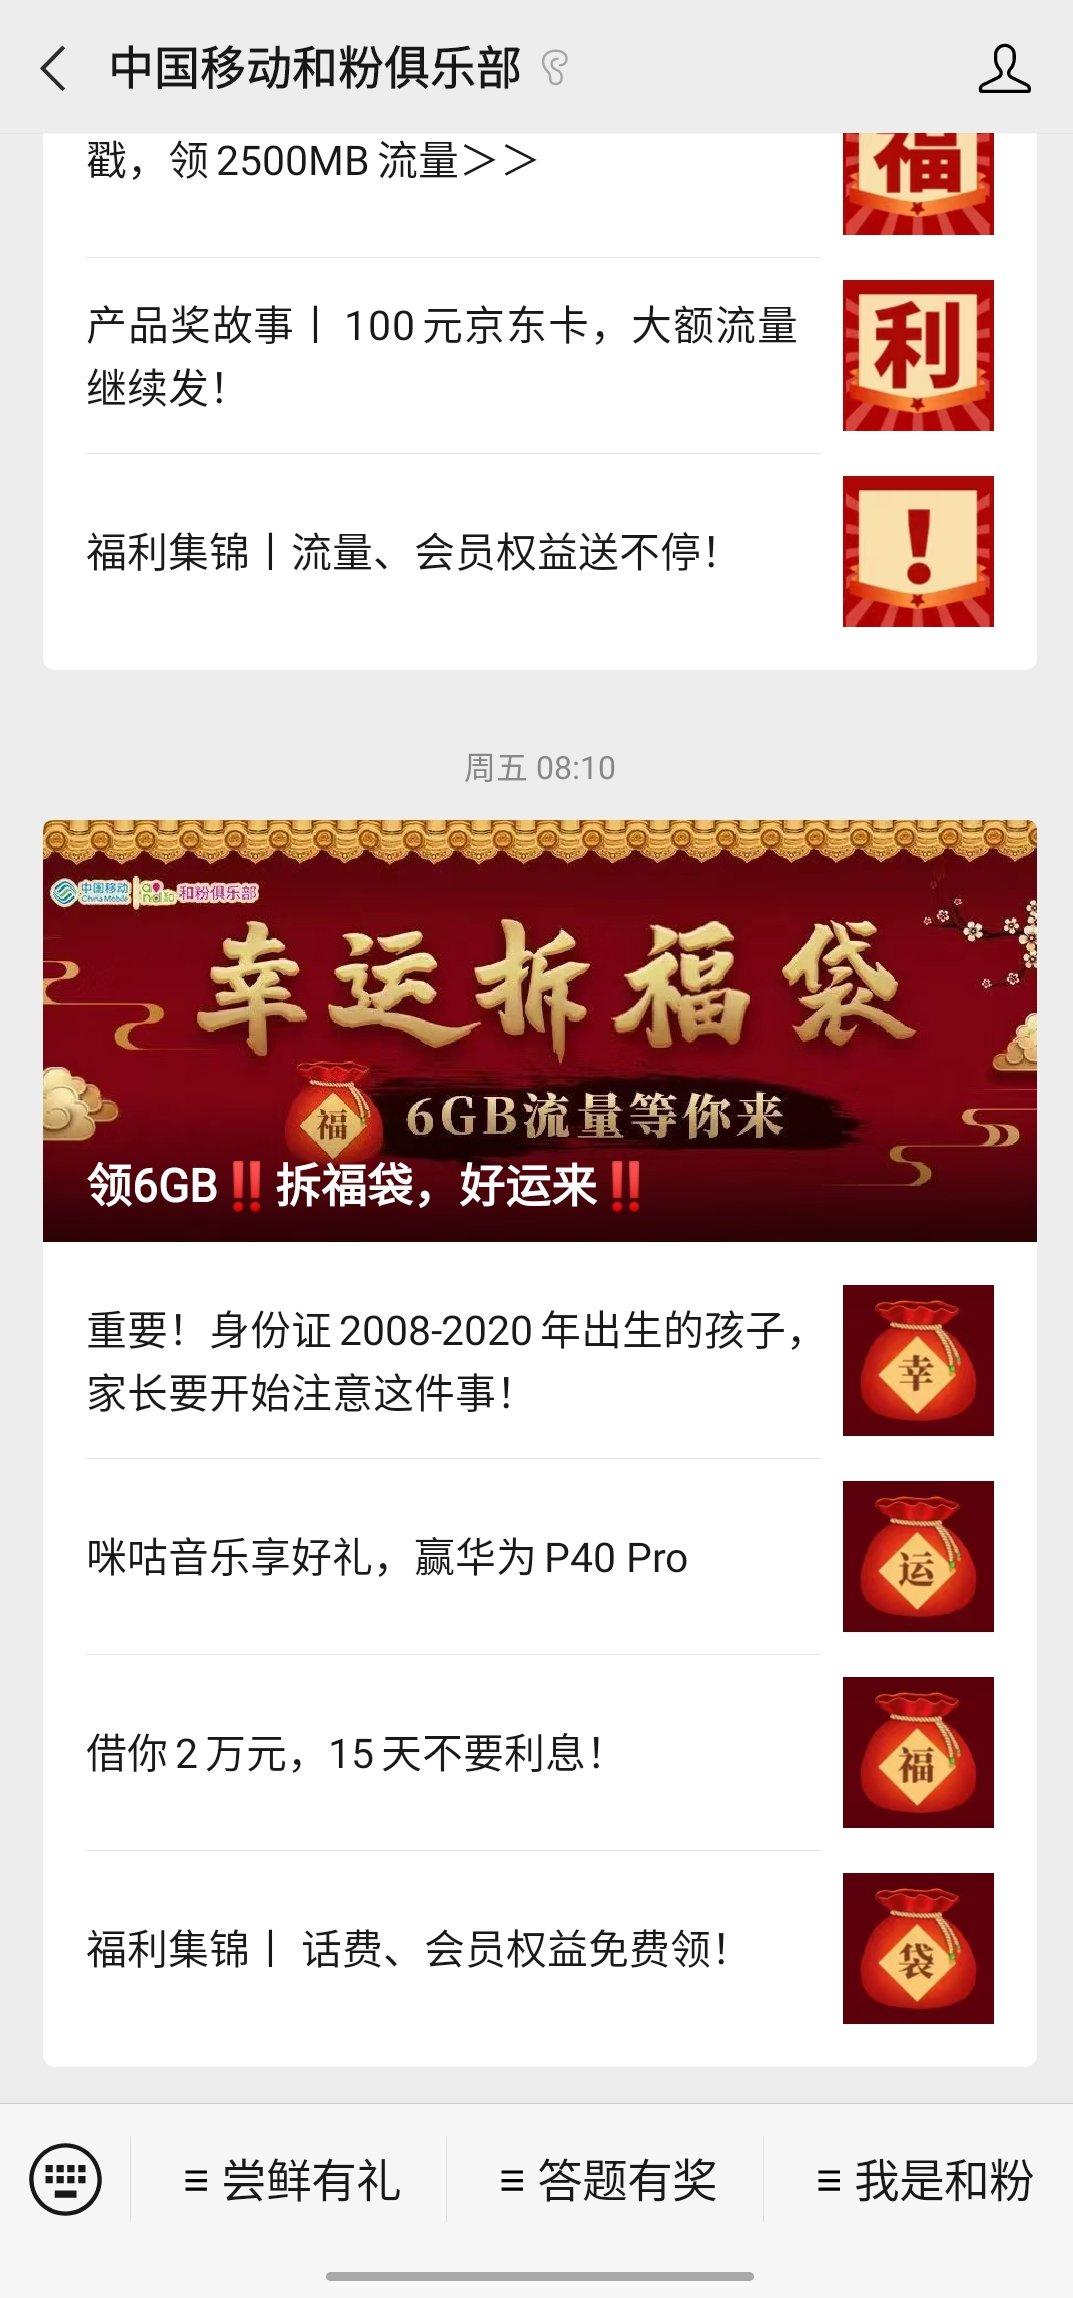 中国移动最低领200m-聚合资源网